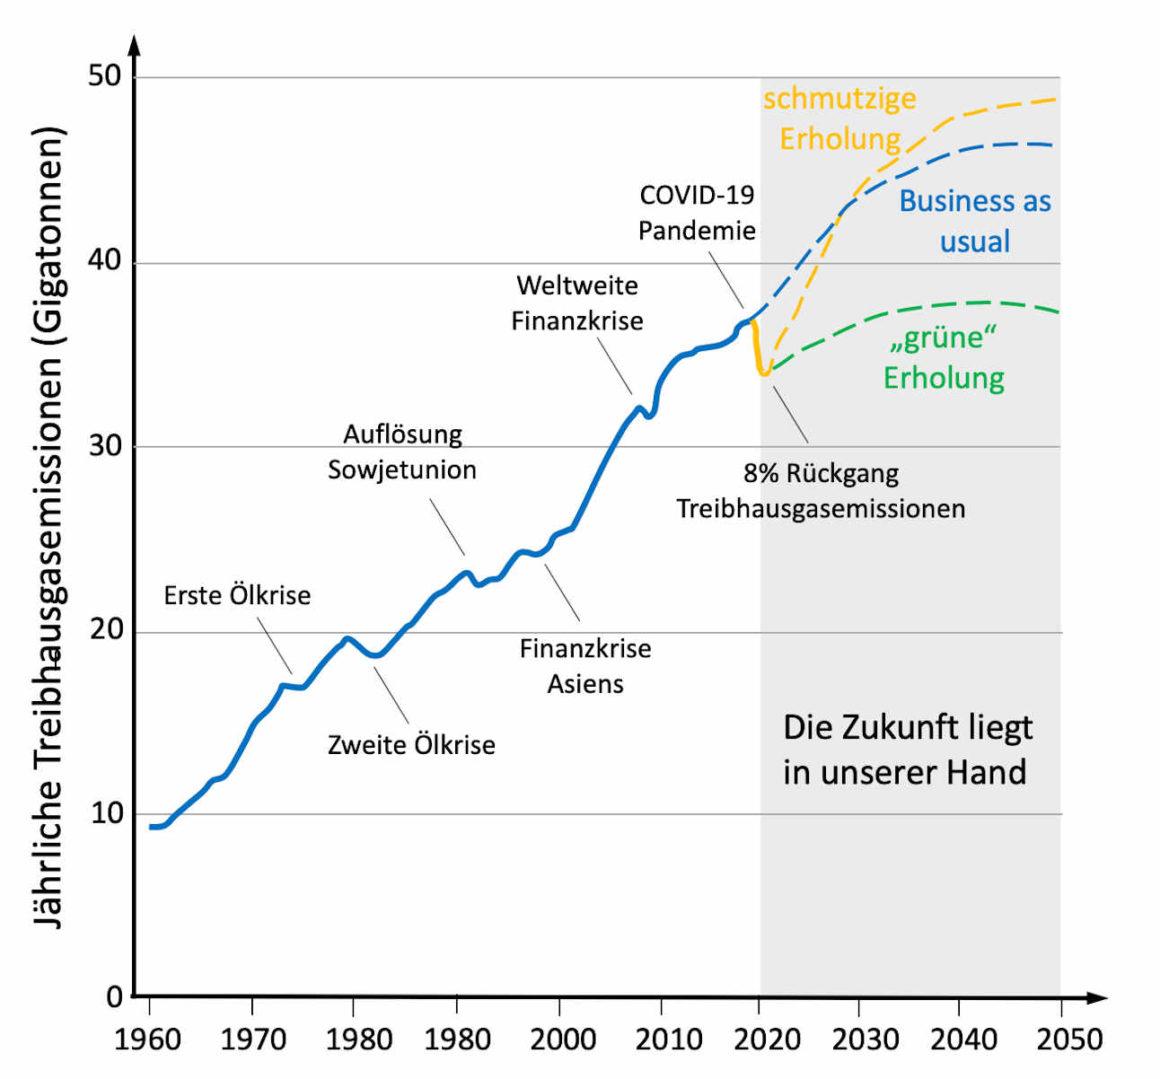 Das Bild zeigt die jährlichen Treibhausgasemissionen siet 1960. Es gab bei den folgenden Krisen kurze Einbrüche der Emissionen: bei den ersten beiden Ölkrisen, Finanzkrise Asiens, Weltweite Finanzkrise, Coronakrise